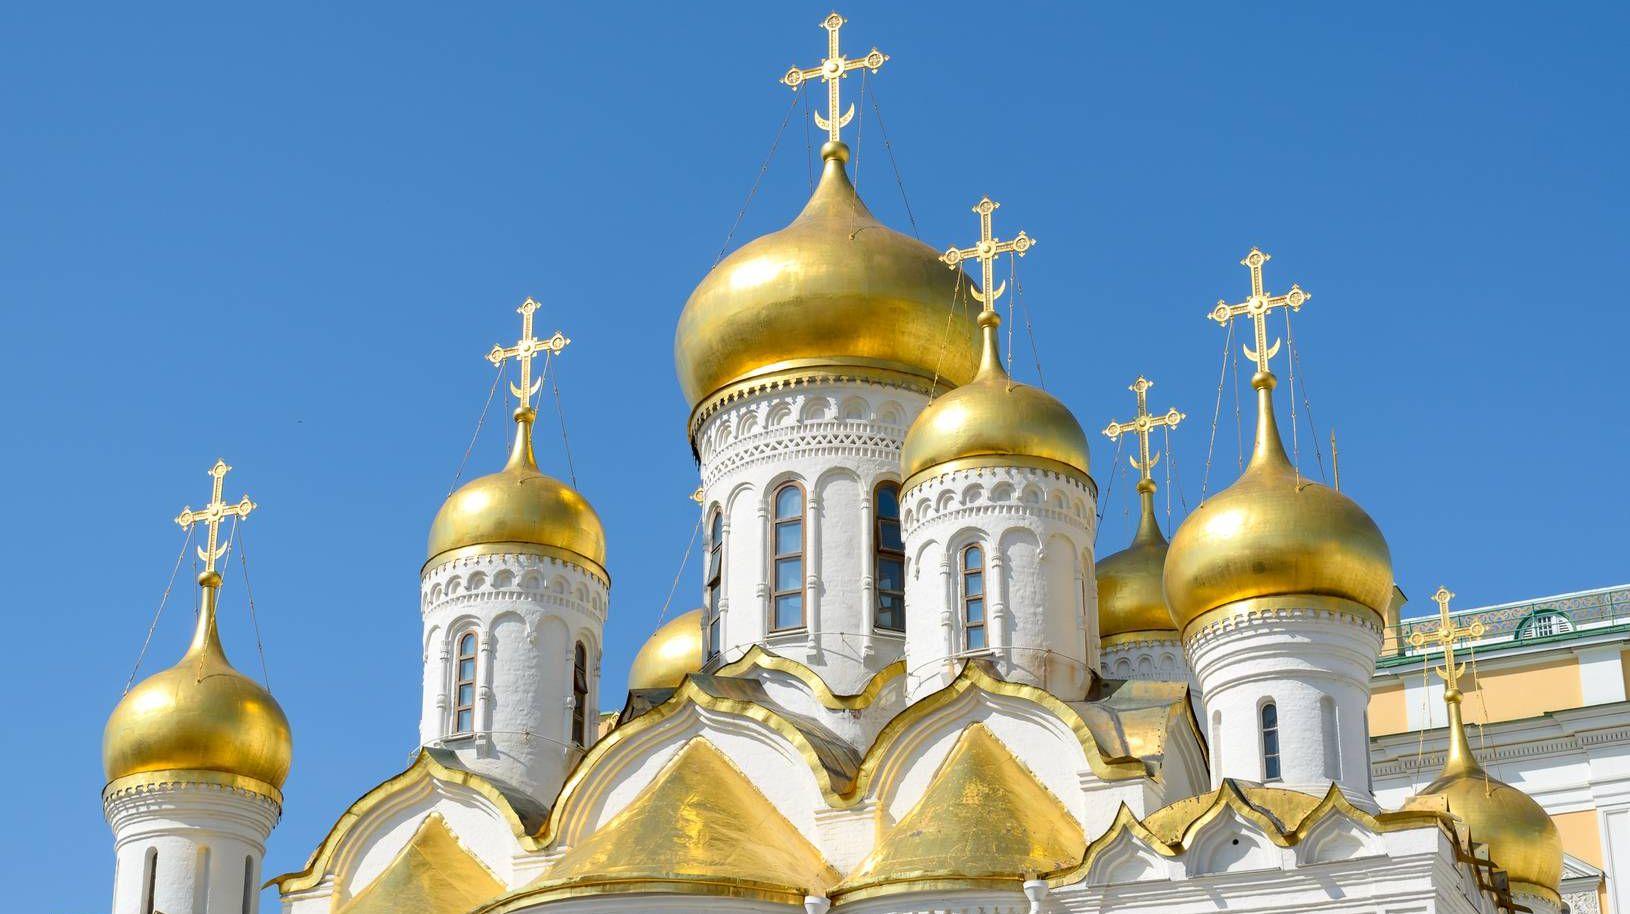 Купола, Благовещенский собор, Кремль, Москва. 12.07.2014